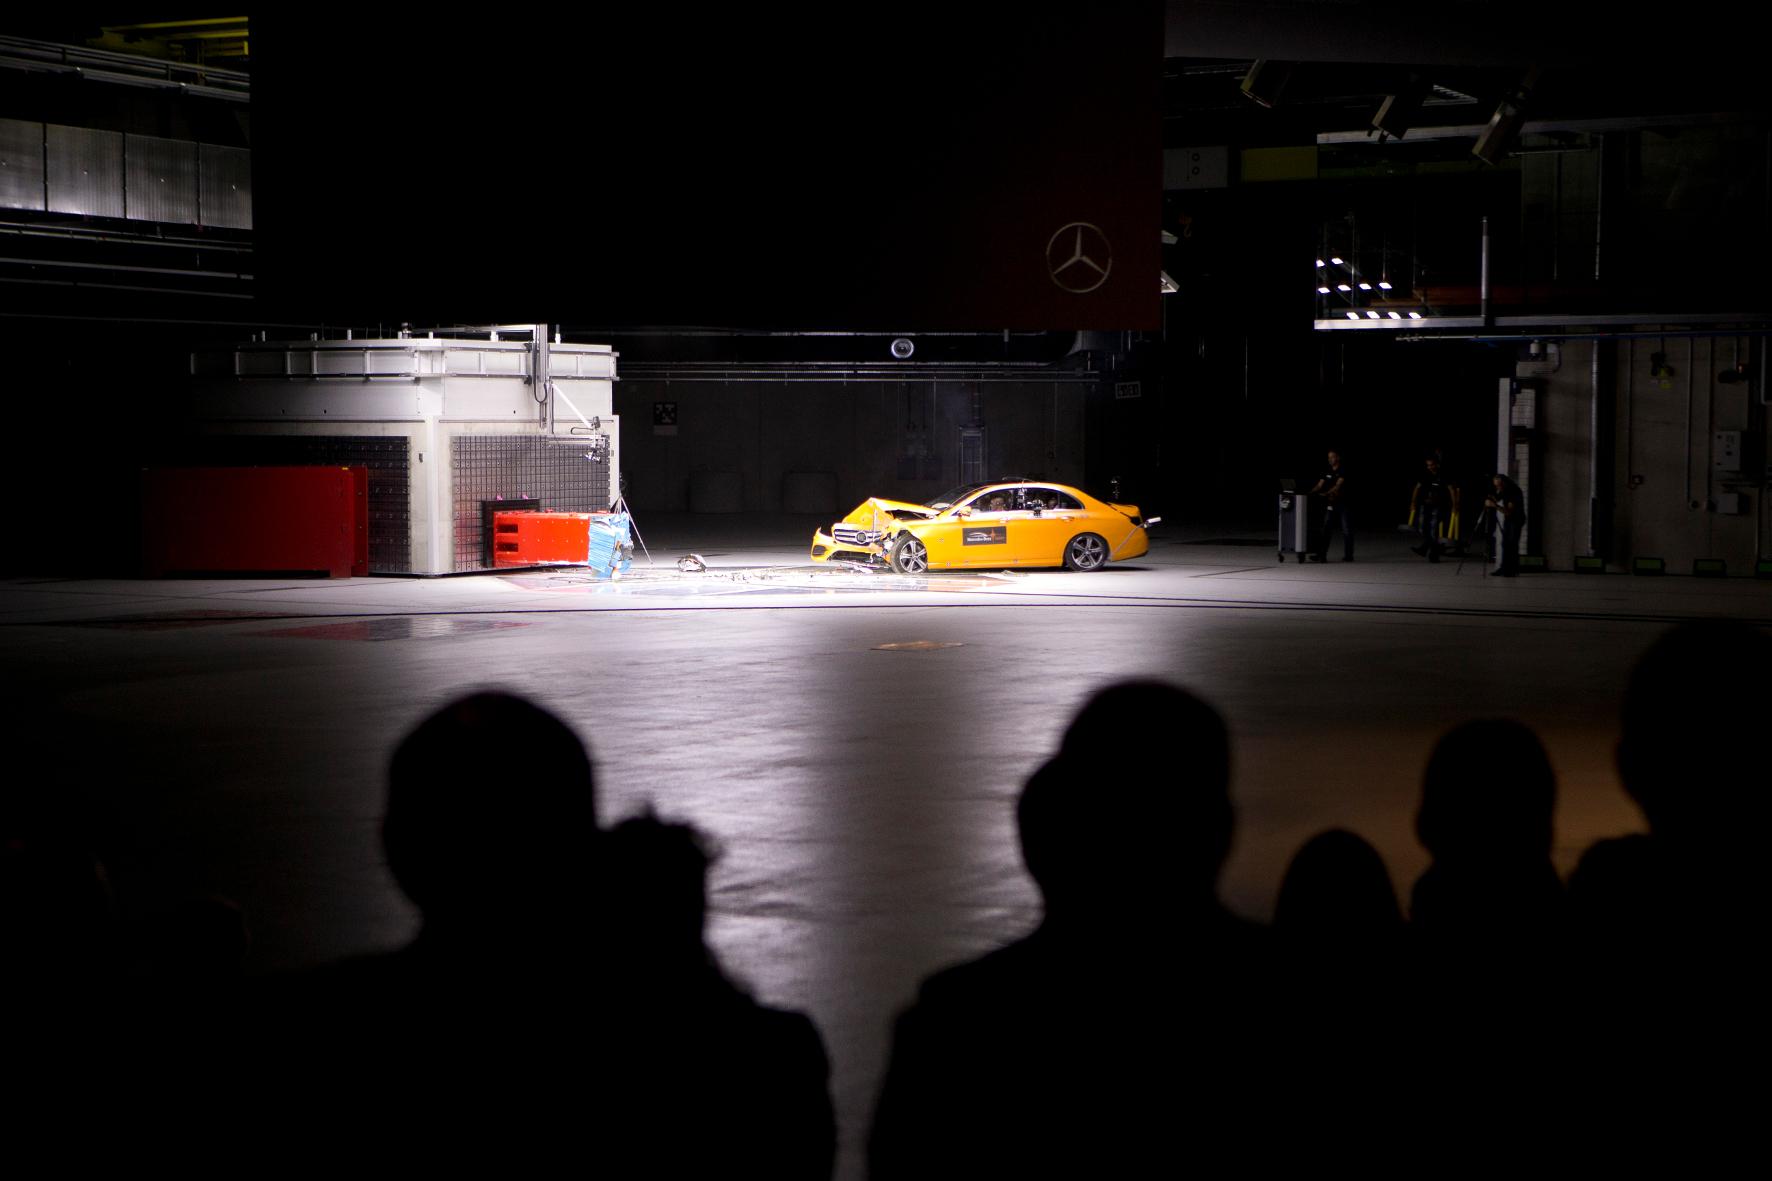 mid Groß-Gerau - Zur Eröffnung des neuen Crashtest-Zentrums in Sindelfingen lässt es Mercedes ordentlich krachen. Unter den Augen von Ministerpräsident Winfried Kretschmann fährt eine E-Klasse vor die Wand.